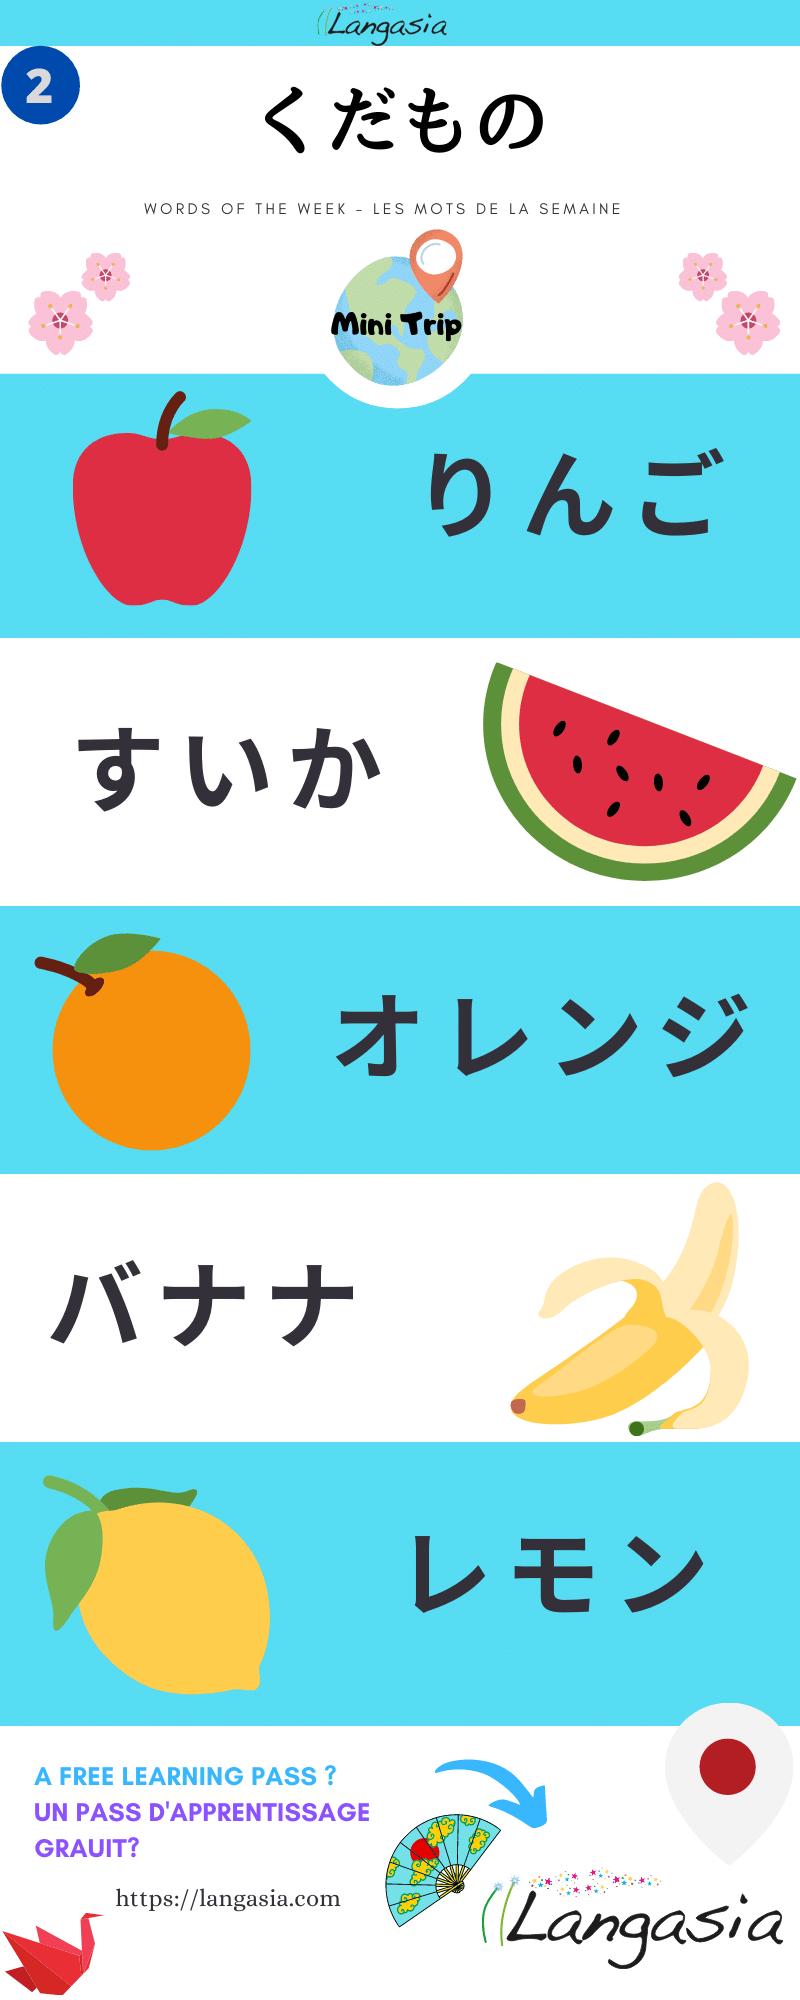 Apprenez 5 mots essentiels sur les fruits en japonais